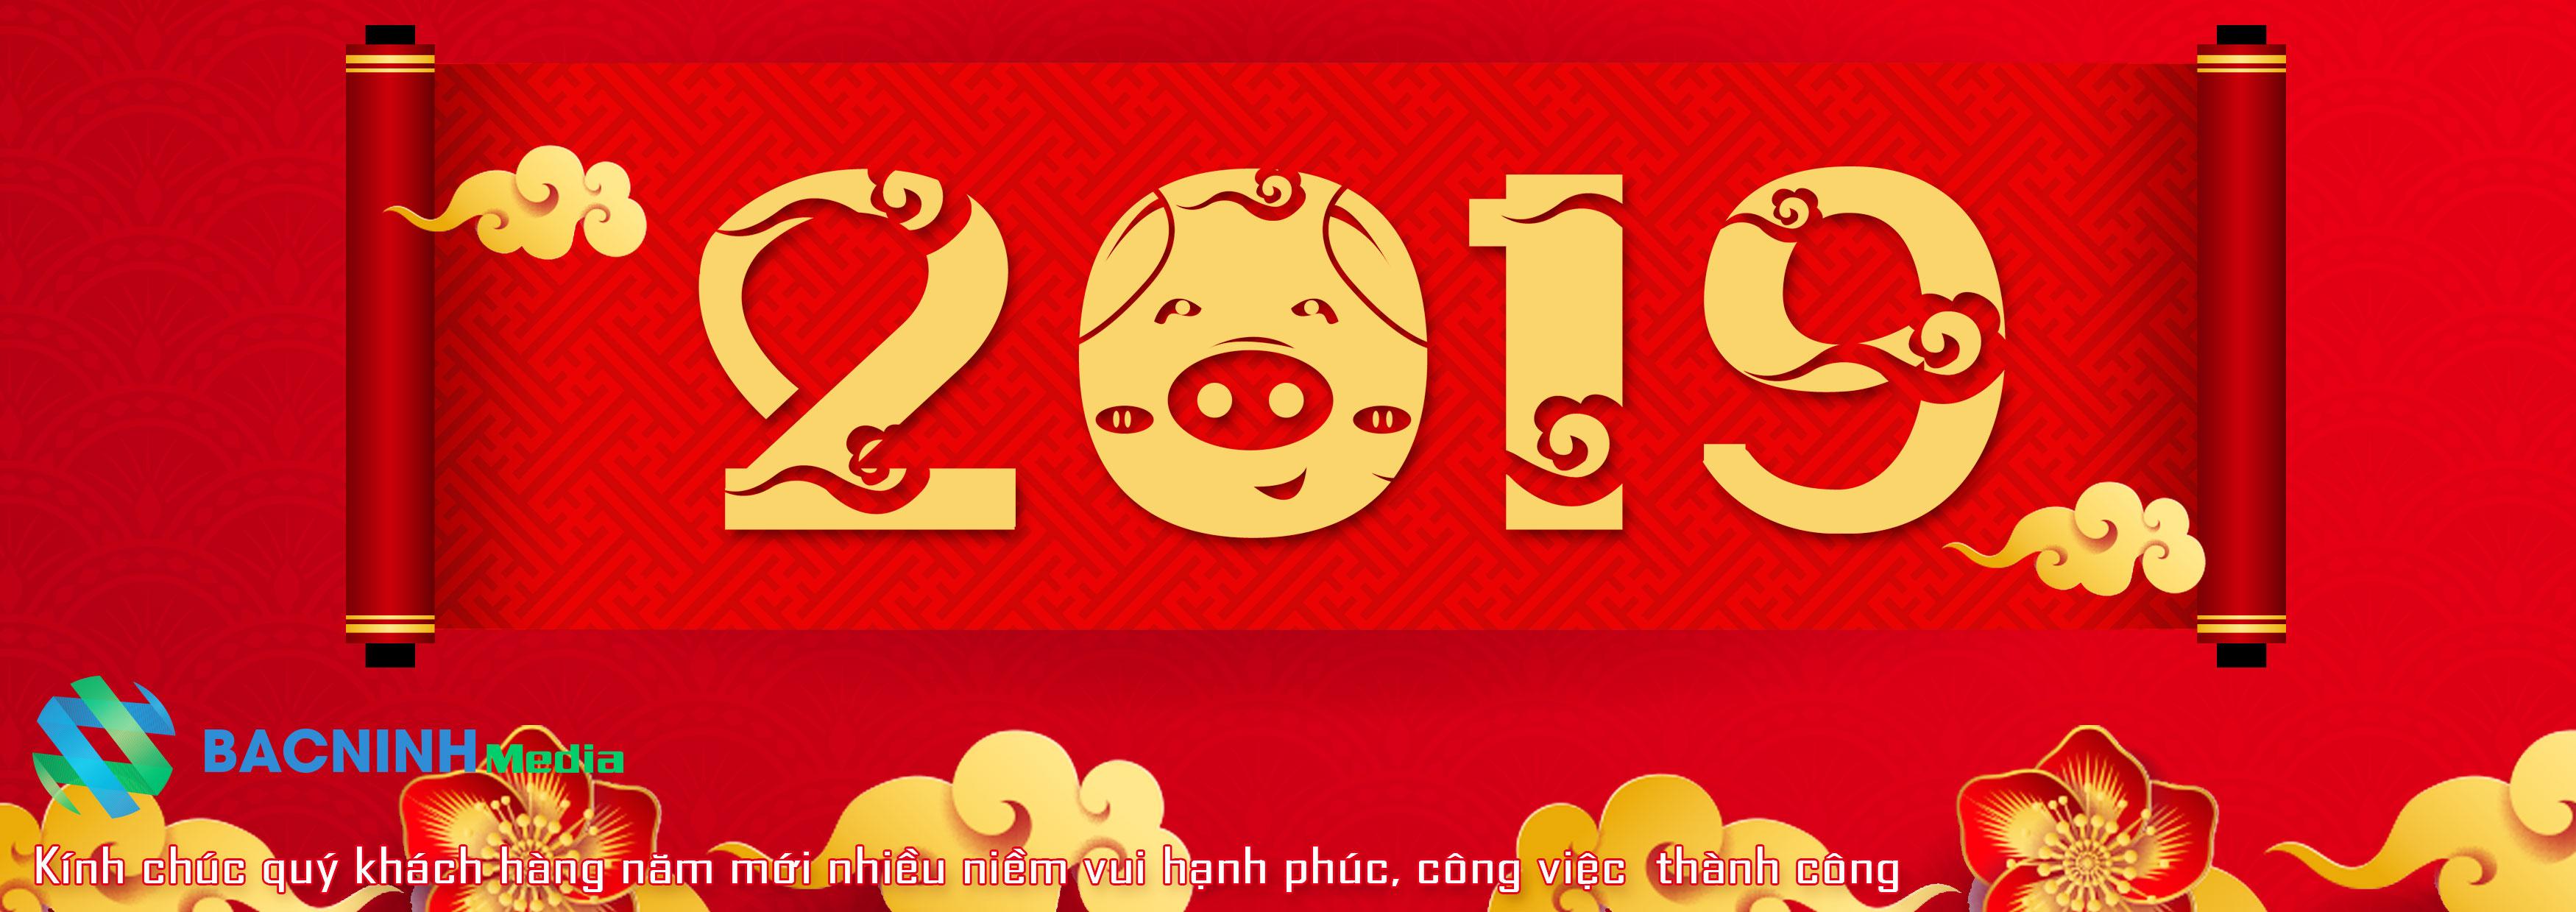 Bắc Ninh Media chúc mừng năm mới